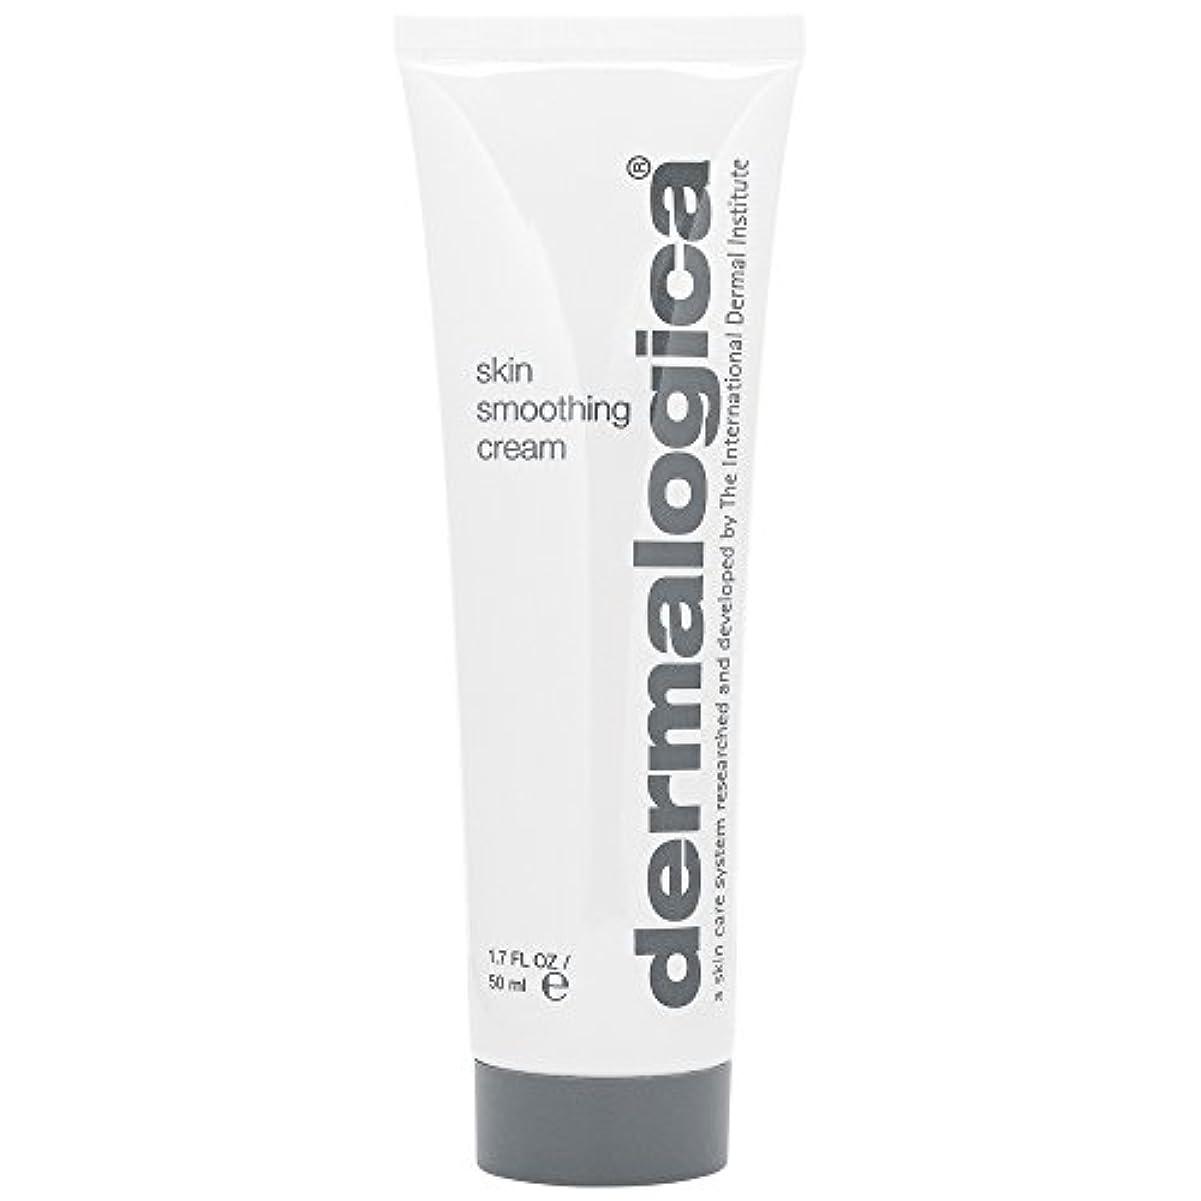 恩赦対角線広々としたダーマロジカスキンスムージングクリーム50ミリリットル (Dermalogica) (x6) - Dermalogica Skin Smoothing Cream 50ml (Pack of 6) [並行輸入品]